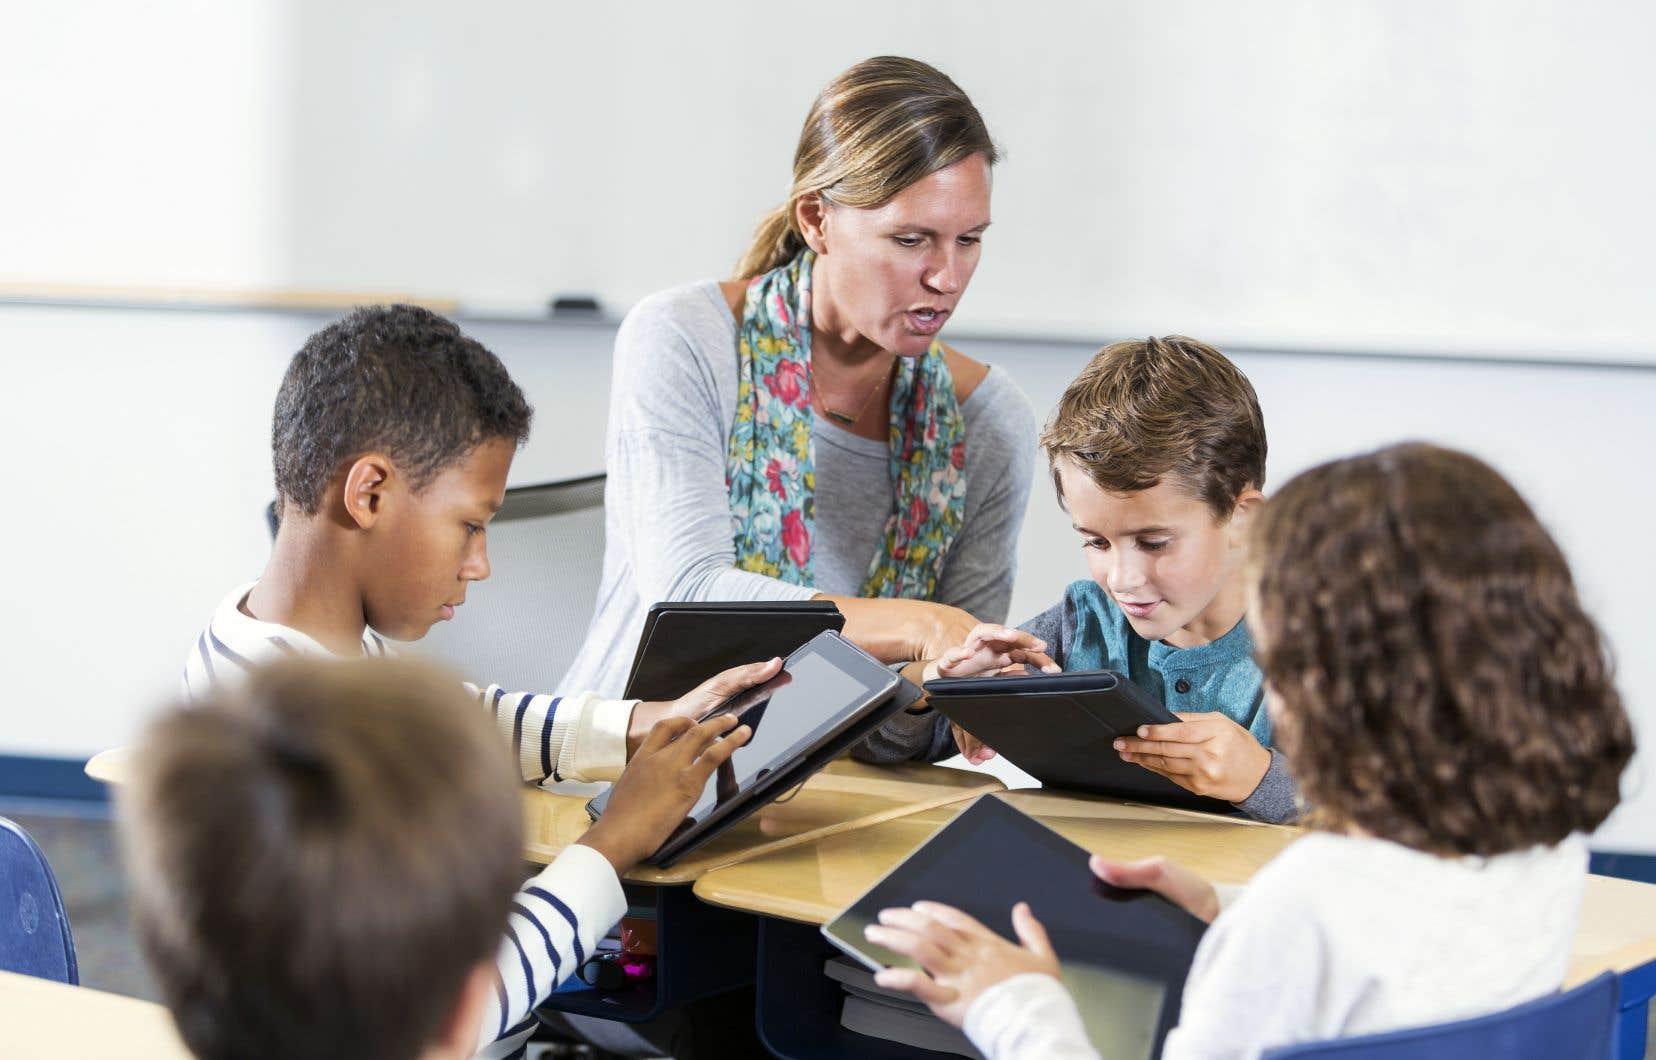 Faire croire que la prédominance féminine dans la profession enseignante jouerait d'une quelconque manière dans les difficultés scolaires ou les choix de carrière des garçons relève de la malhonnêteté intellectuelle.